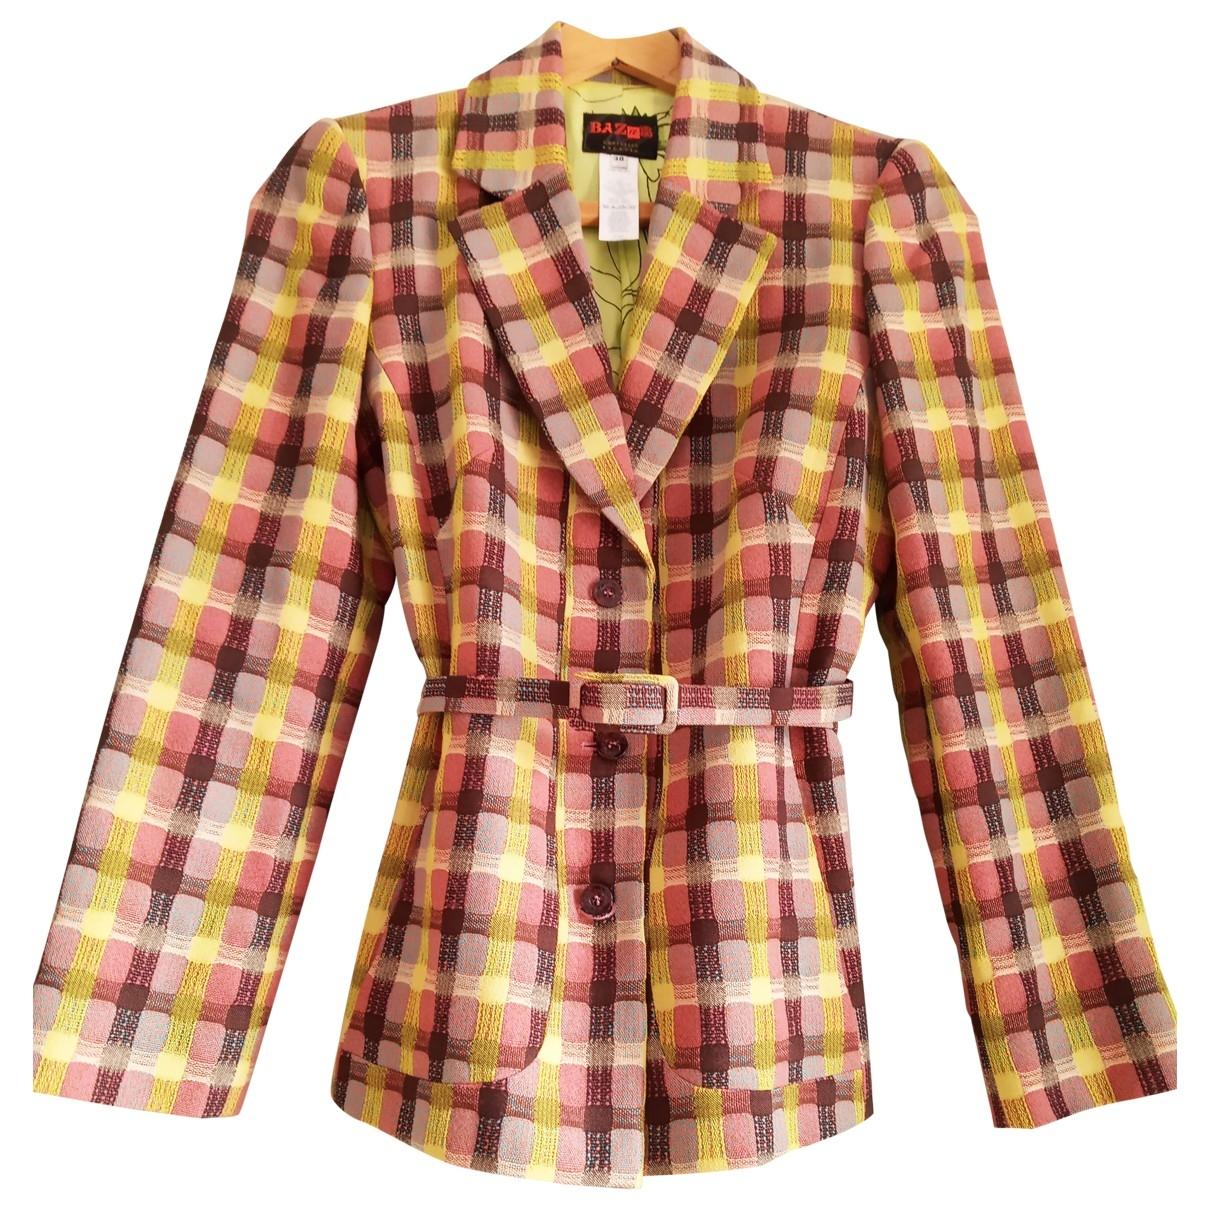 Christian Lacroix - Veste   pour femme en laine